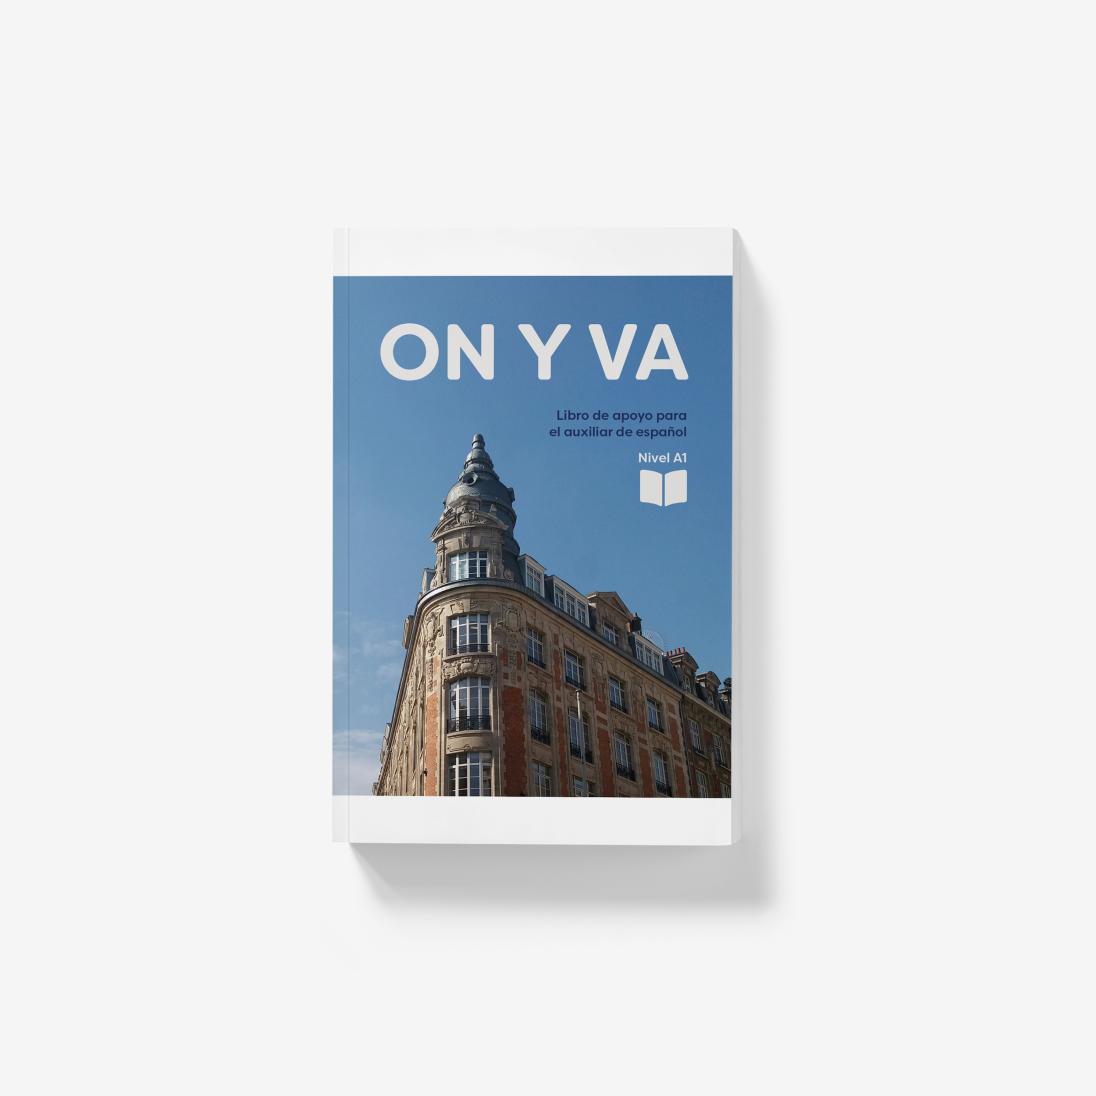 on y va_design_4_mu_1